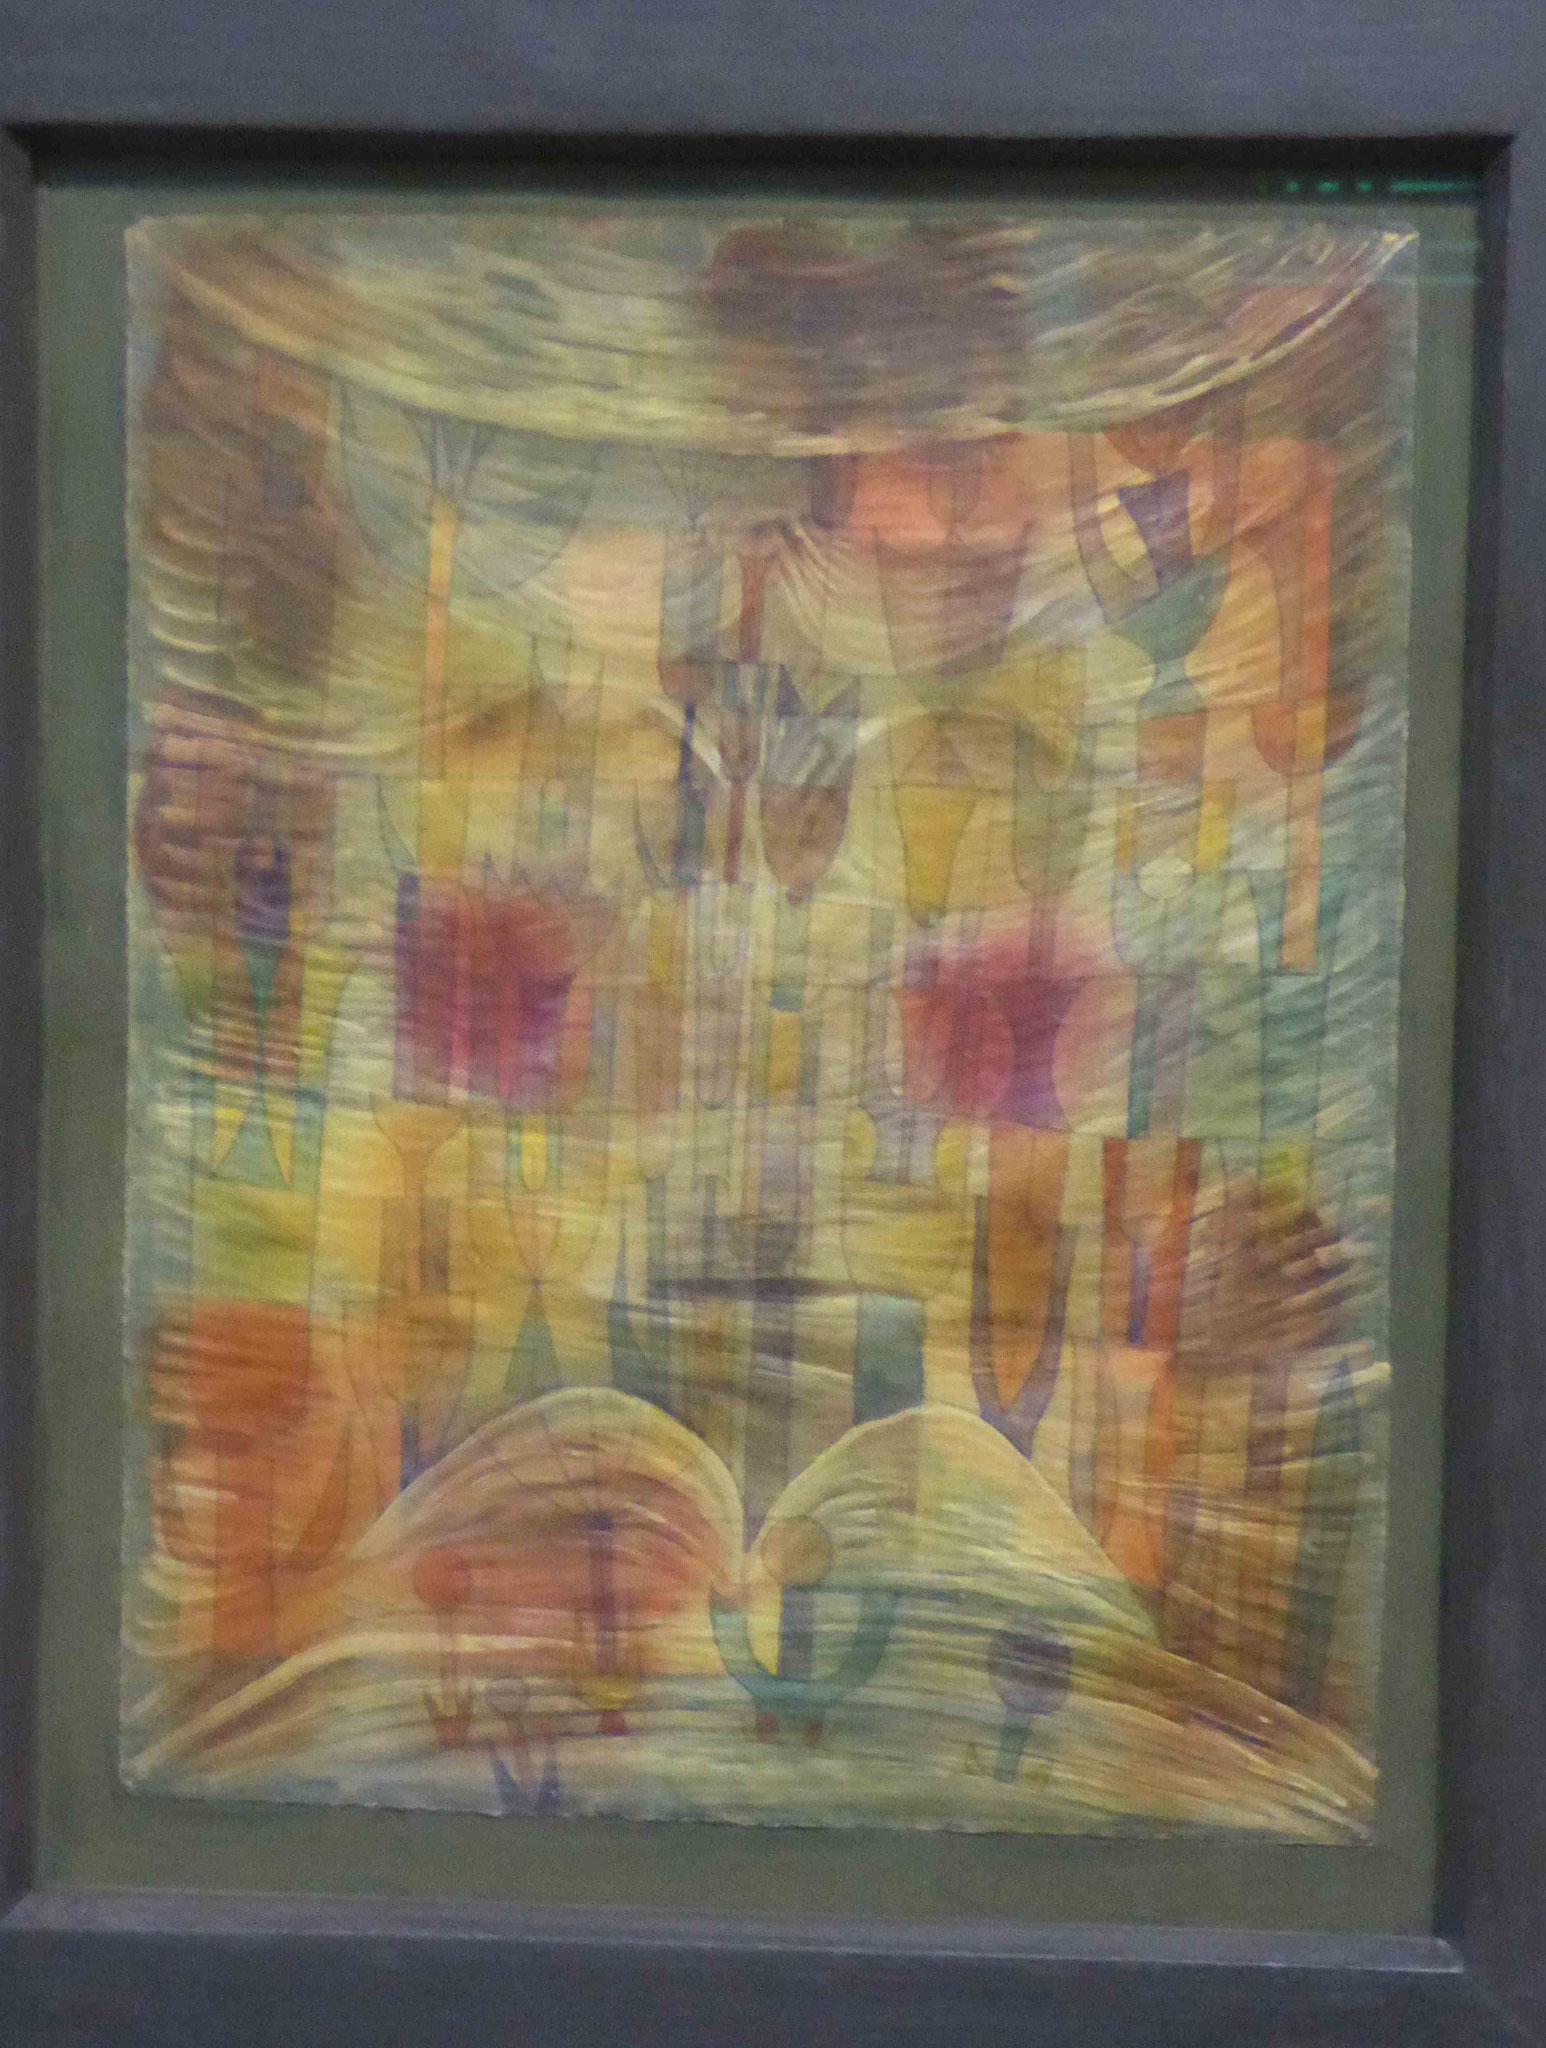 Paul Klee, Phantastische Flora, 1922,  Museum Moritzburg, Halle